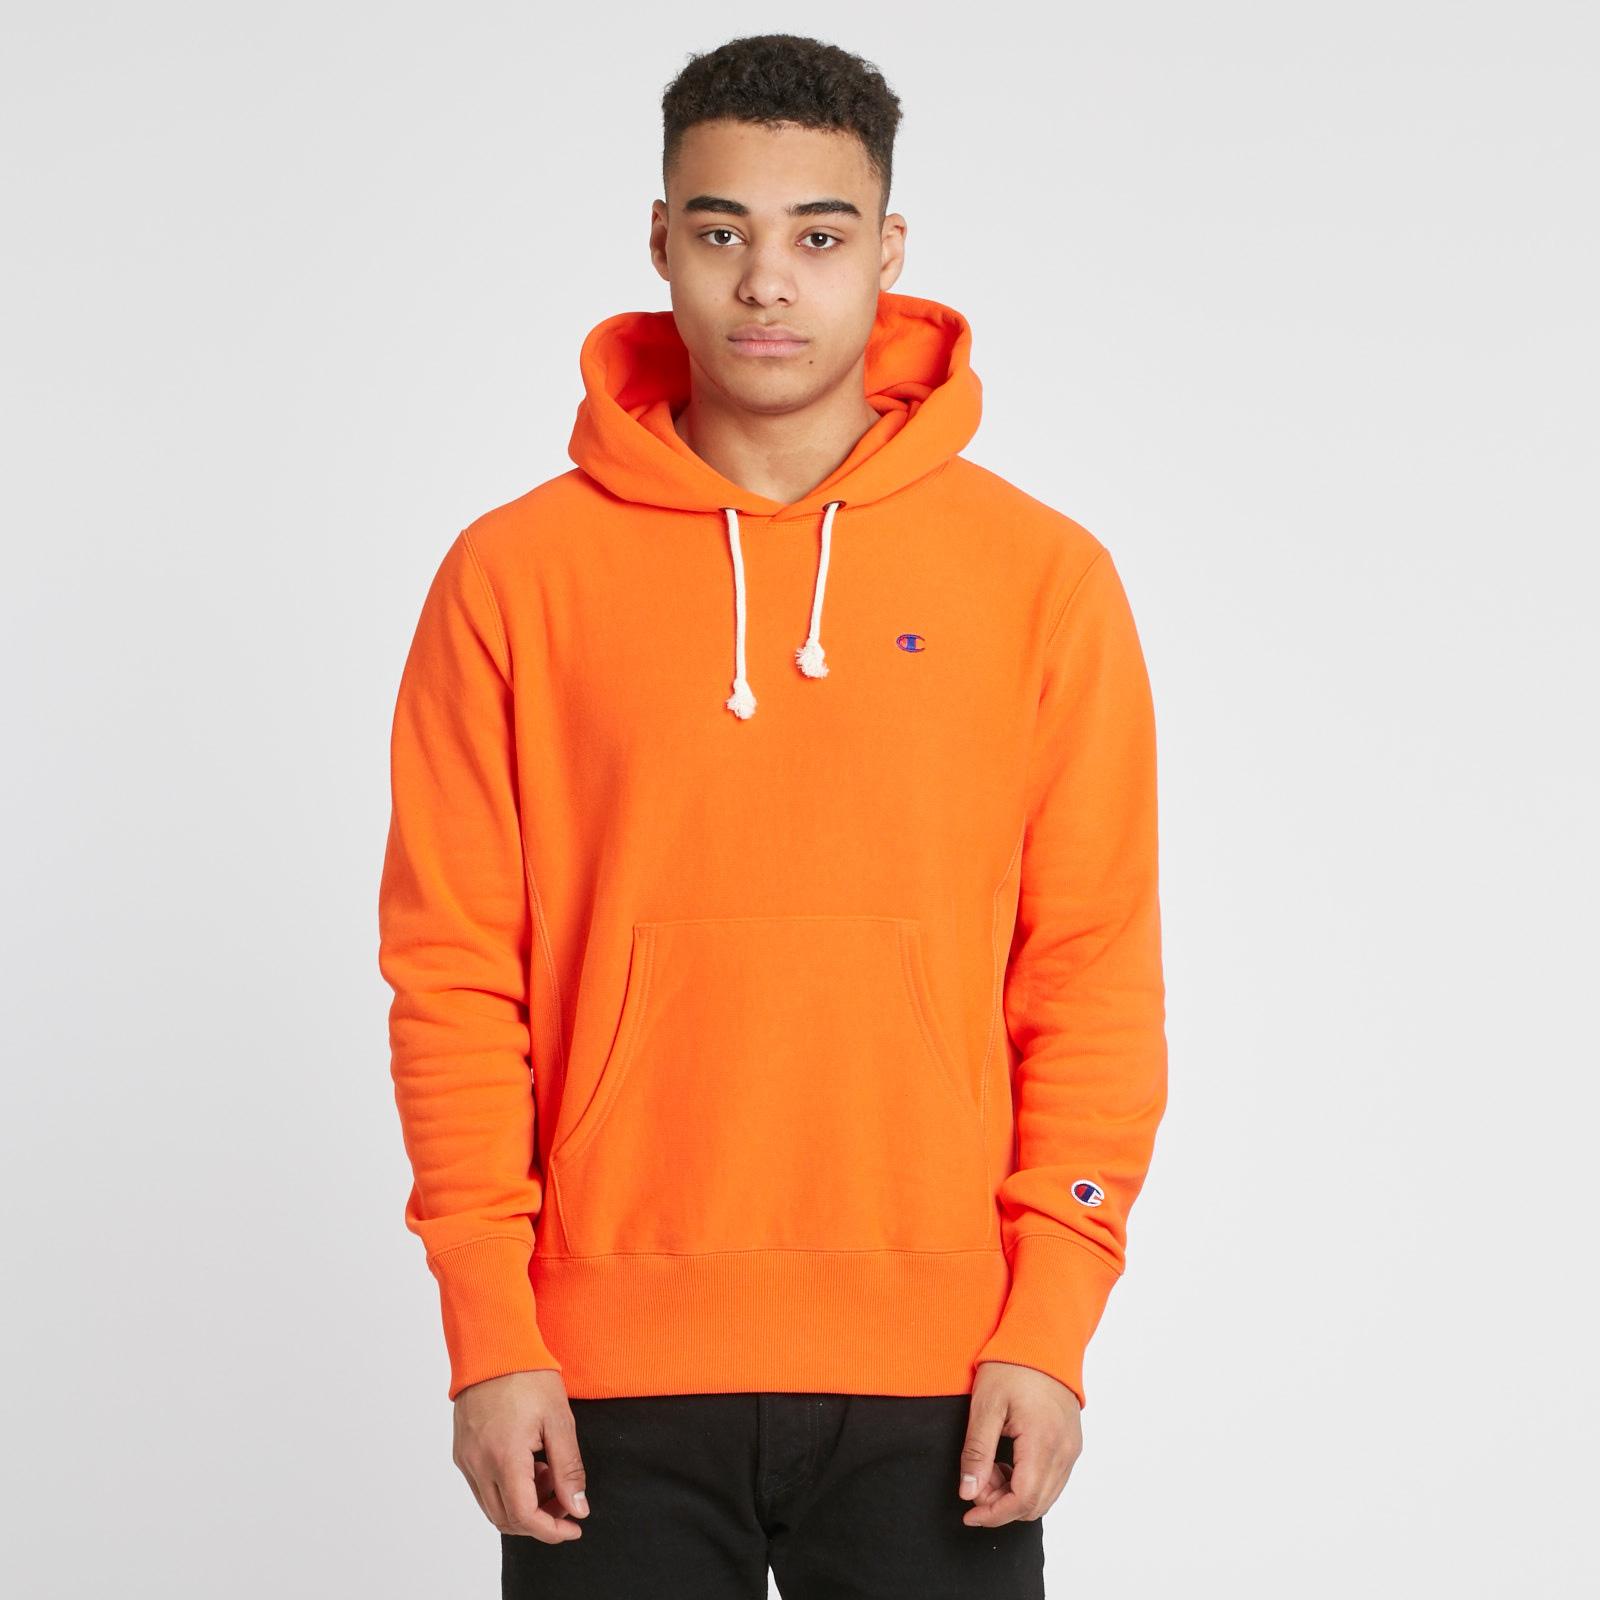 a5765c45ea8 Champion Reverse Weave Hooded Sweatshirt - 210966-os005 ...